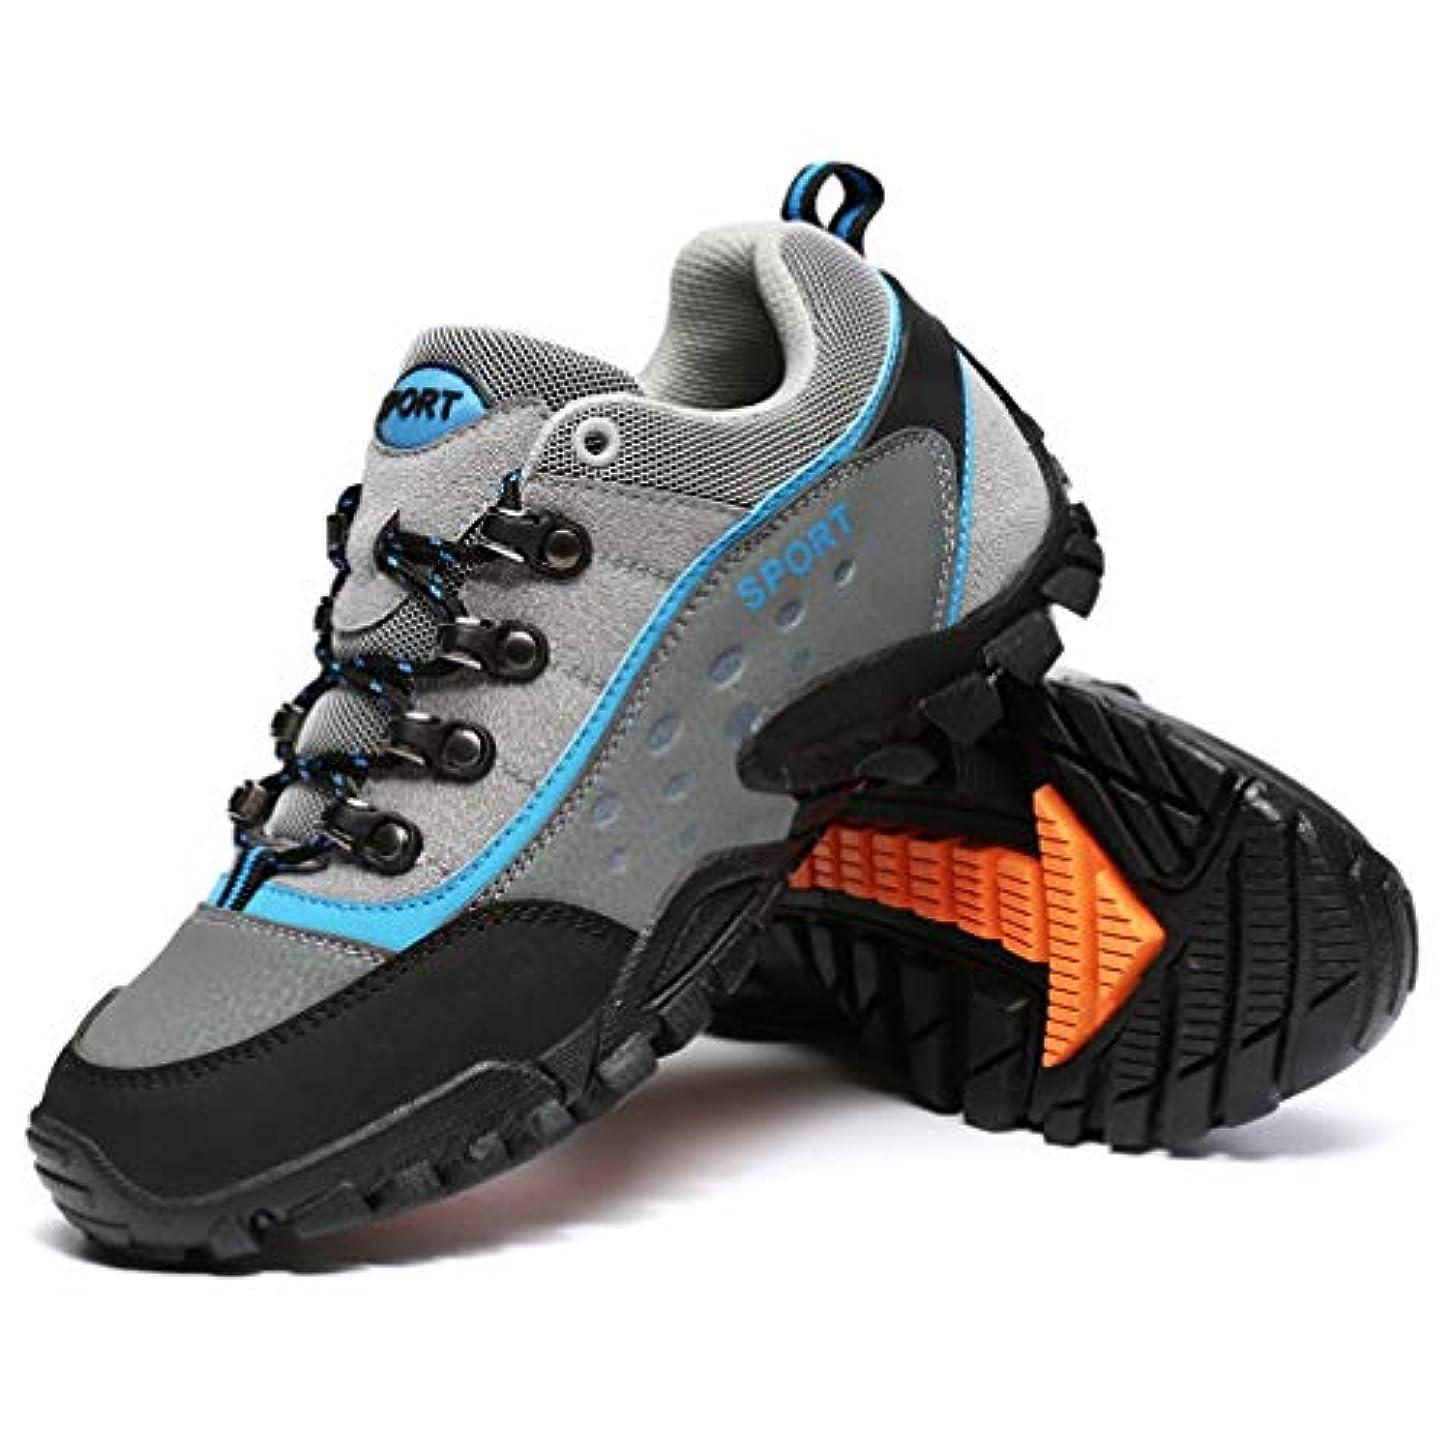 素晴らしい良い多くのピニオン哲学的大きいサイズ ハイキングシューズ メンズ レディース トレッキング 登山靴 防滑 通気性 軽い 防水 アウトドア ウォーキング 耐磨耗 レースアップ スカイブルー ピンク 27cm